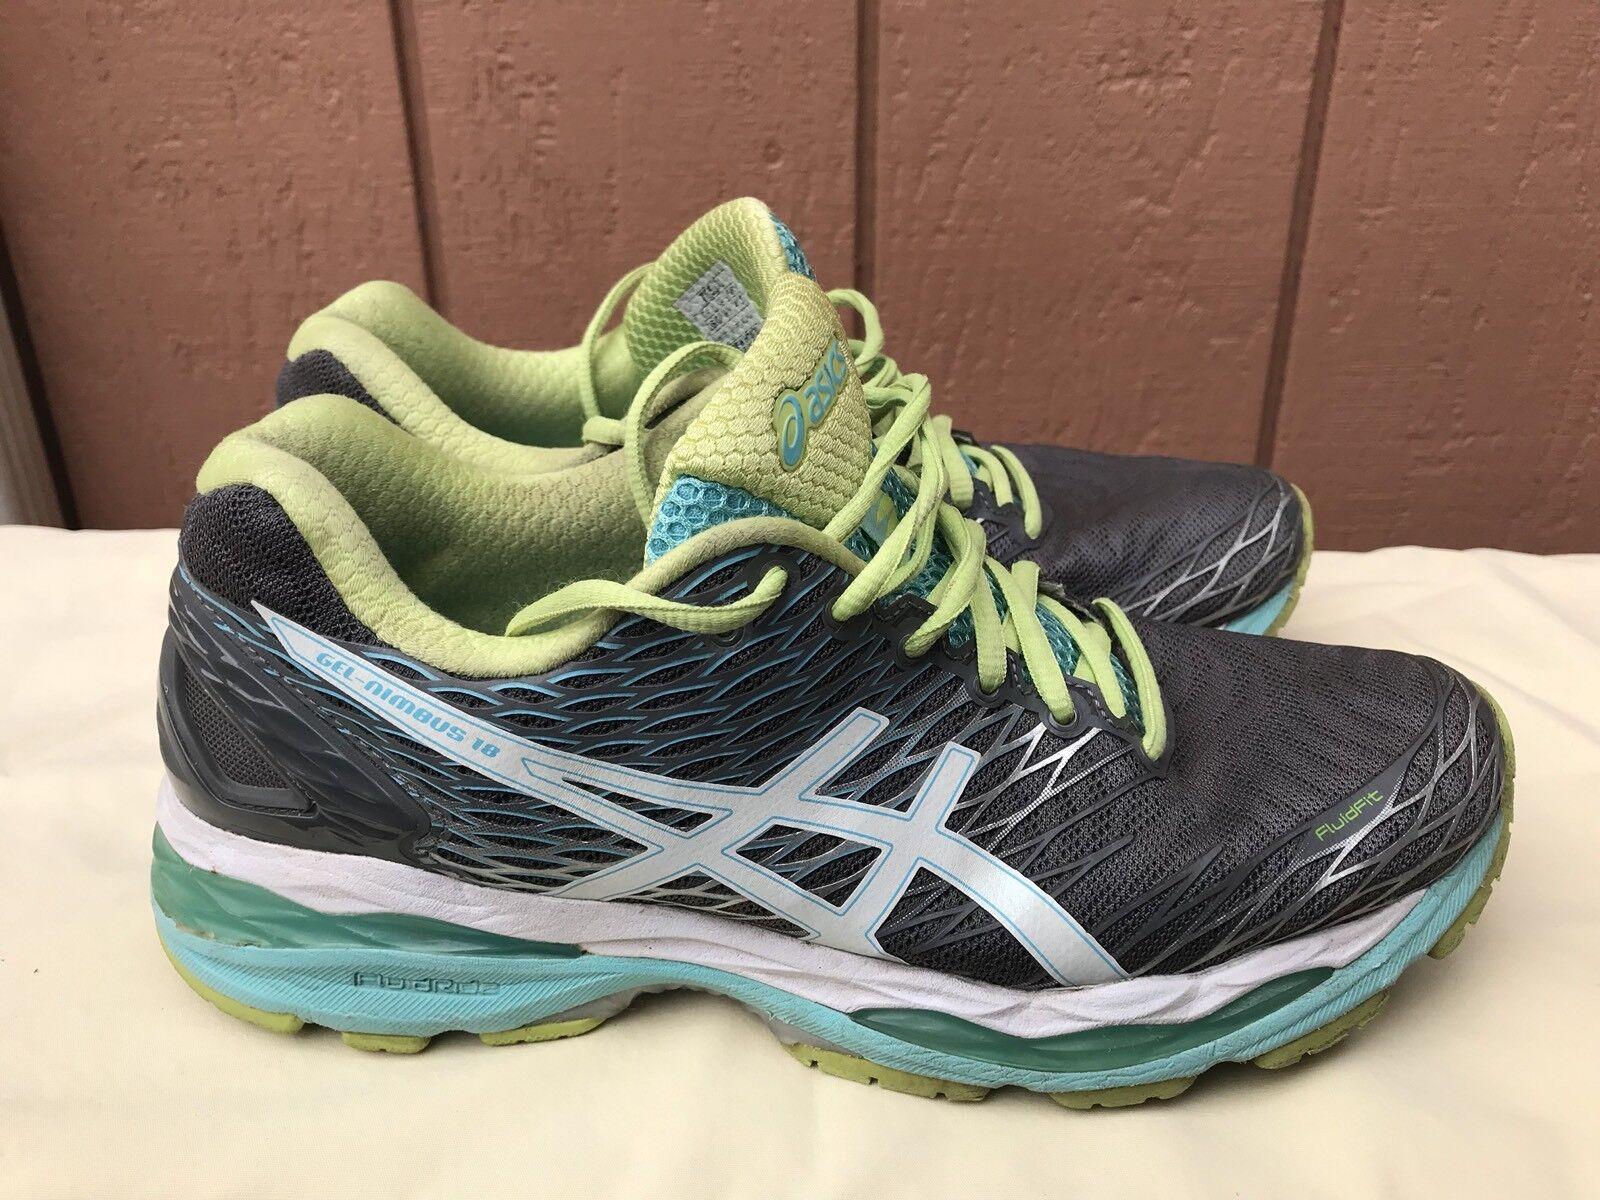 ASICS training Mujer Nimbus 18 t650n Athletic running Cross training ASICS Zapatos US 9,5 A1 nuevos zapatos para hombres y mujeres, el limitado tiempo de descuento abd6a9